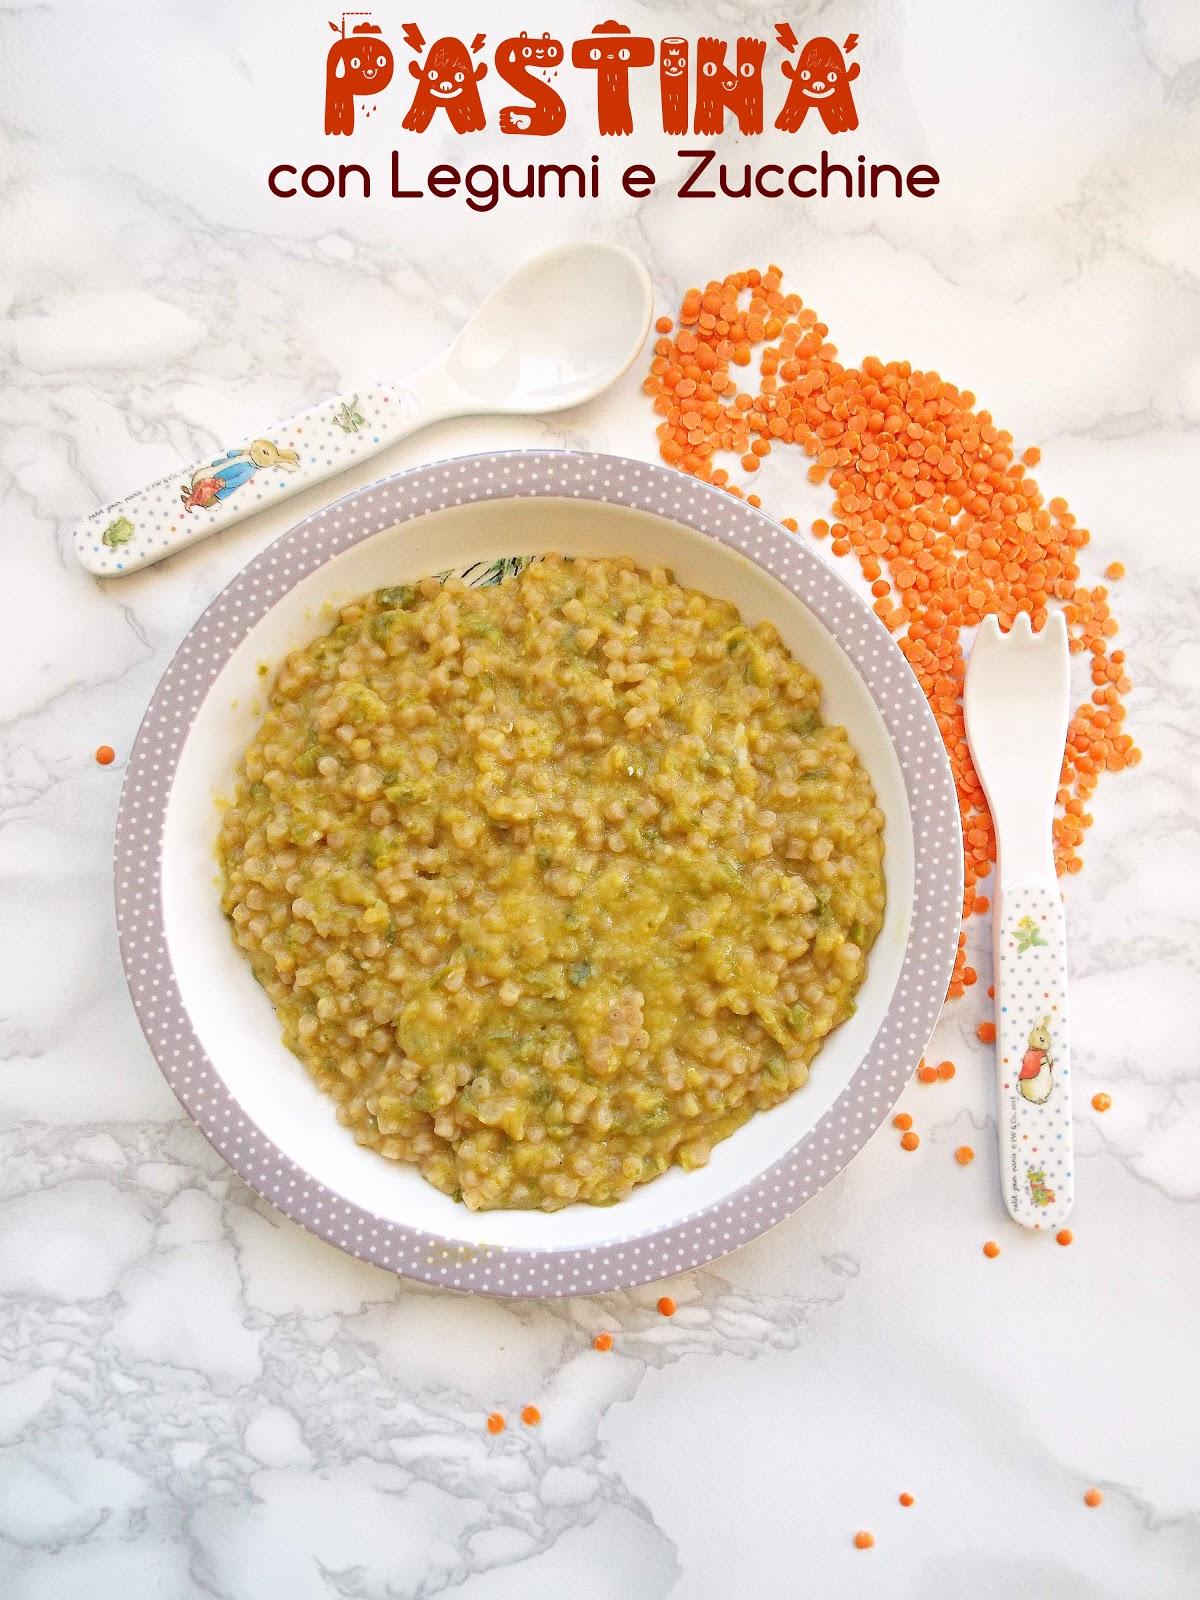 Ricetta Lenticchie Neonato.Svezzamento E Dintorni Pastina Con Legumi E Zucchine